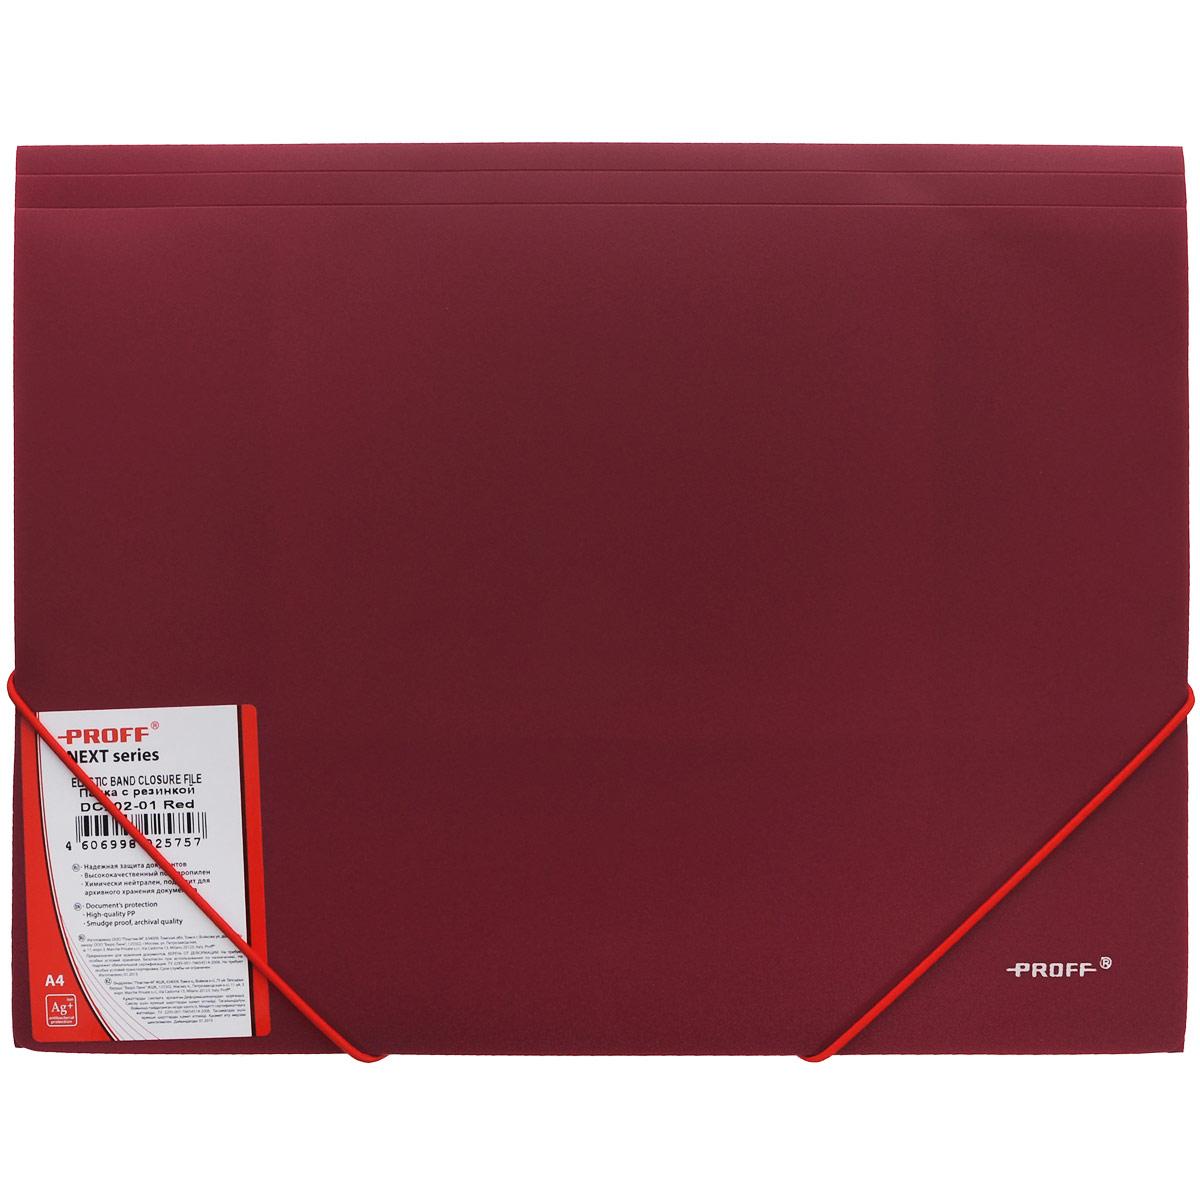 Proff Папка на резинке Next цвет темно-красныйFS-36052Папка на резинке Proff Next, изготовленная из высококачественного плотногополипропилена, это удобный и практичный офисный инструмент, предназначенный для хранения и транспортировки рабочих бумаг и документов формата А4. Матовая папка, оснащенная тремя клапанами внутри для надежного удержания бумаг, закрывается при помощи угловых резинок. Согнув клапаны по линии биговки, можно легко увеличить объем папки, что позволитвместить большее количество документов.Папка на резинке - это незаменимый атрибут для студента, школьника, офисного работника. Такая папка надежно сохранит ваши документы и сбережет их от повреждений, пыли и влаги.